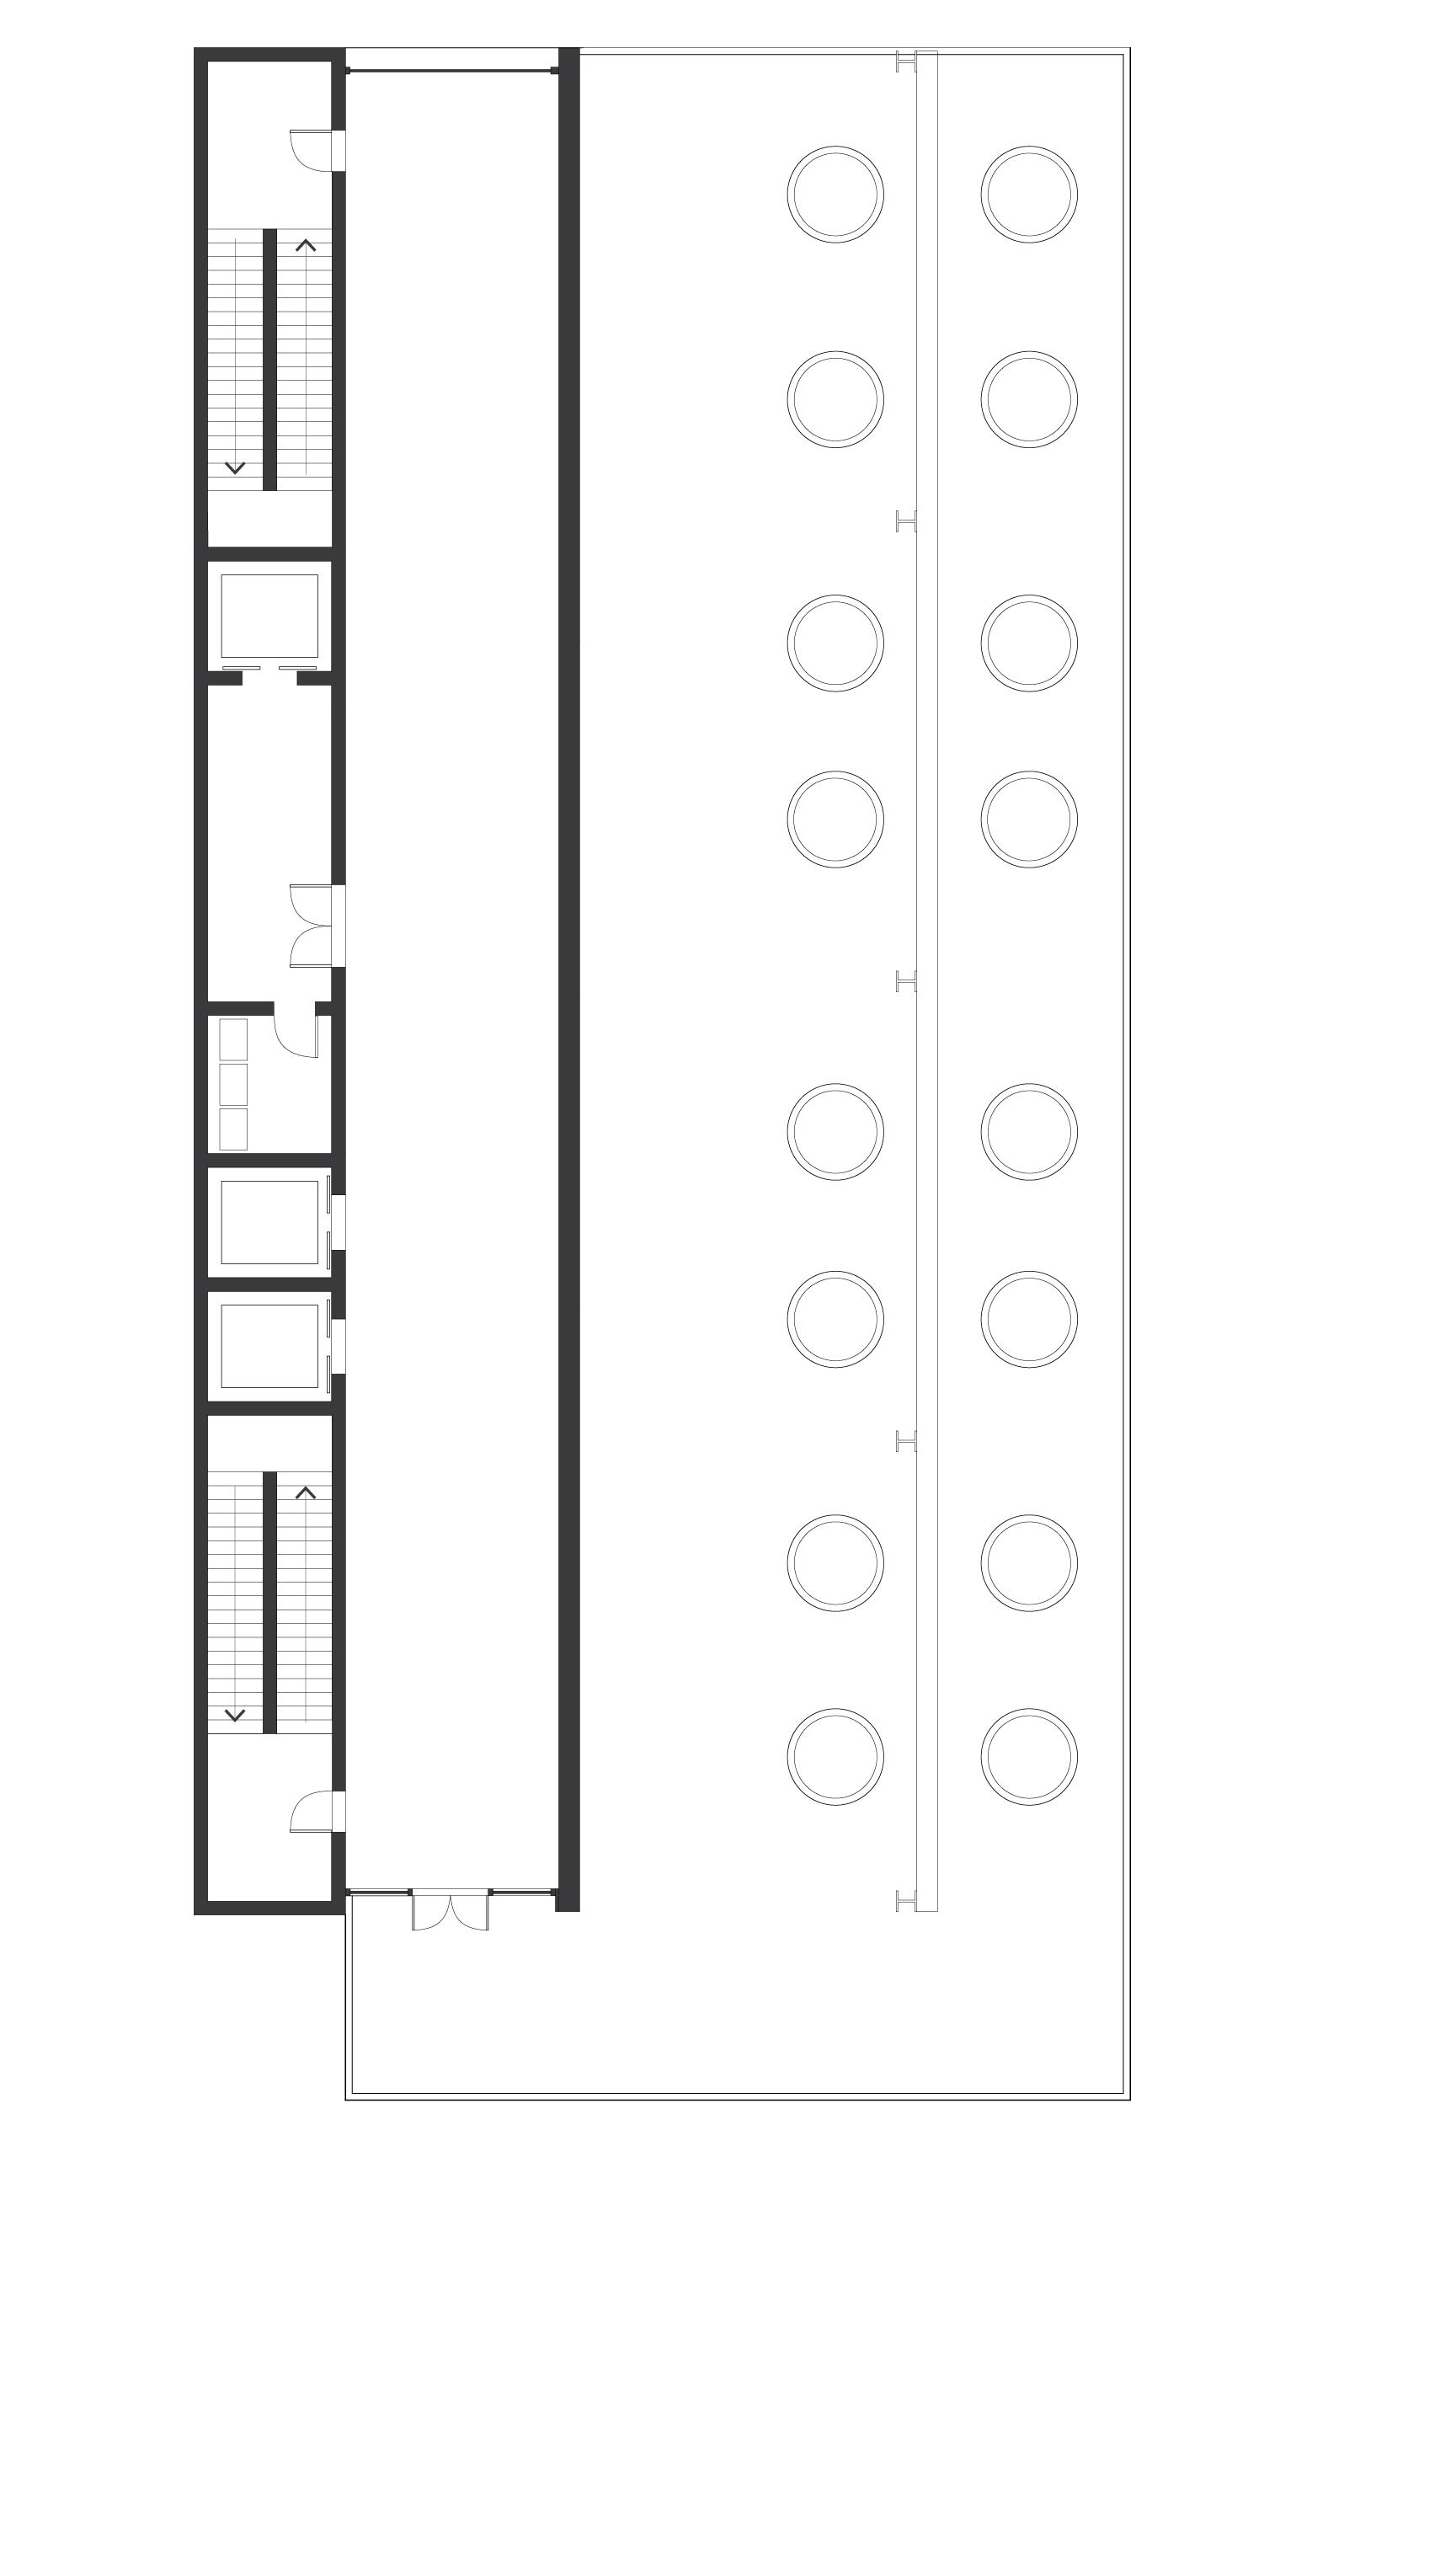 2016_09_09_Floor_Plans-03.png